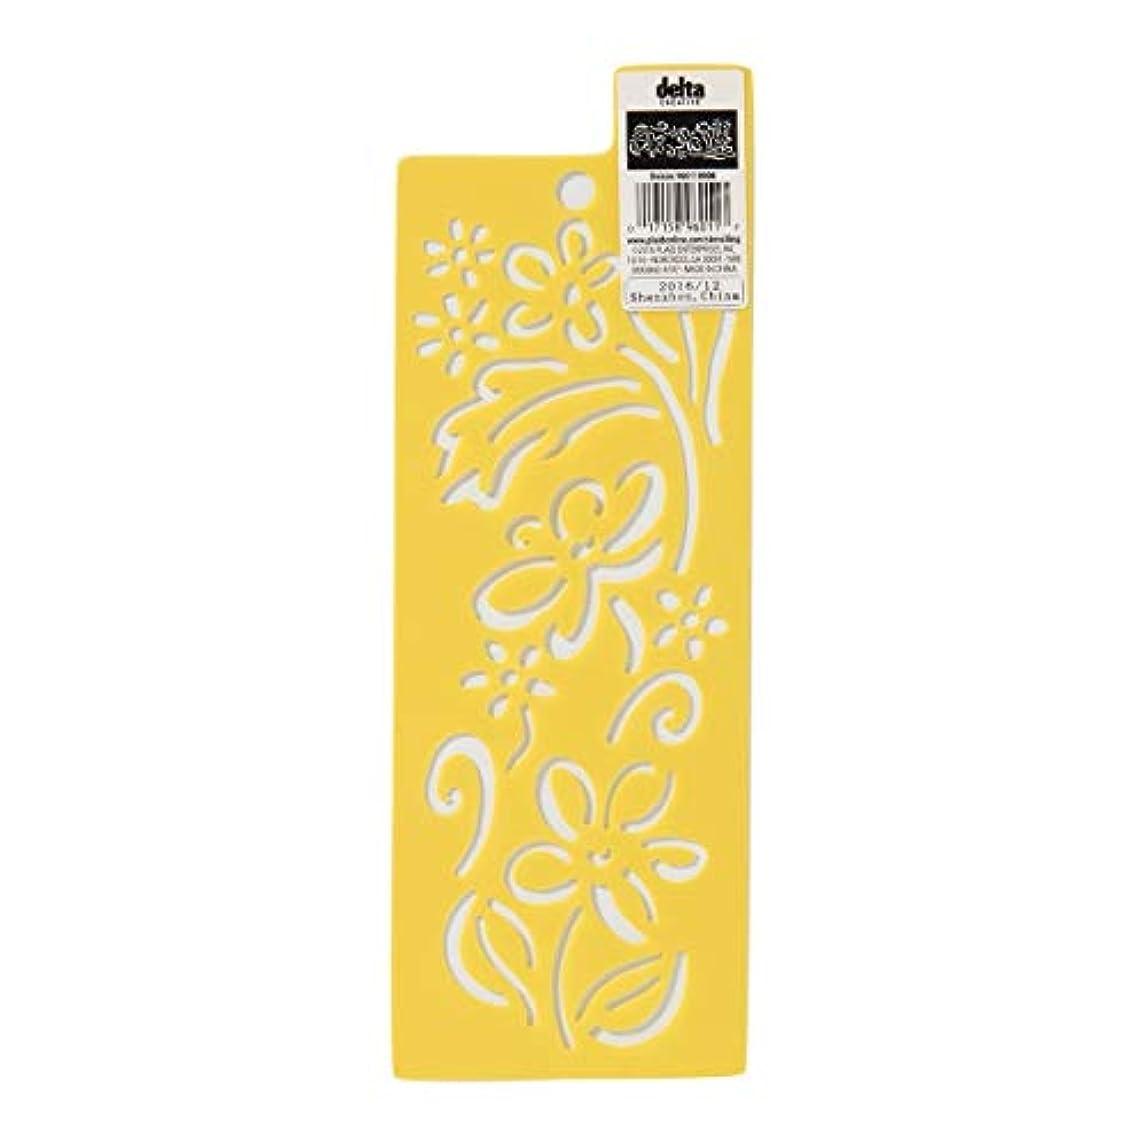 Delta Creative 960110006 Daisies Everyday Design Stencil ypjbr98804264031